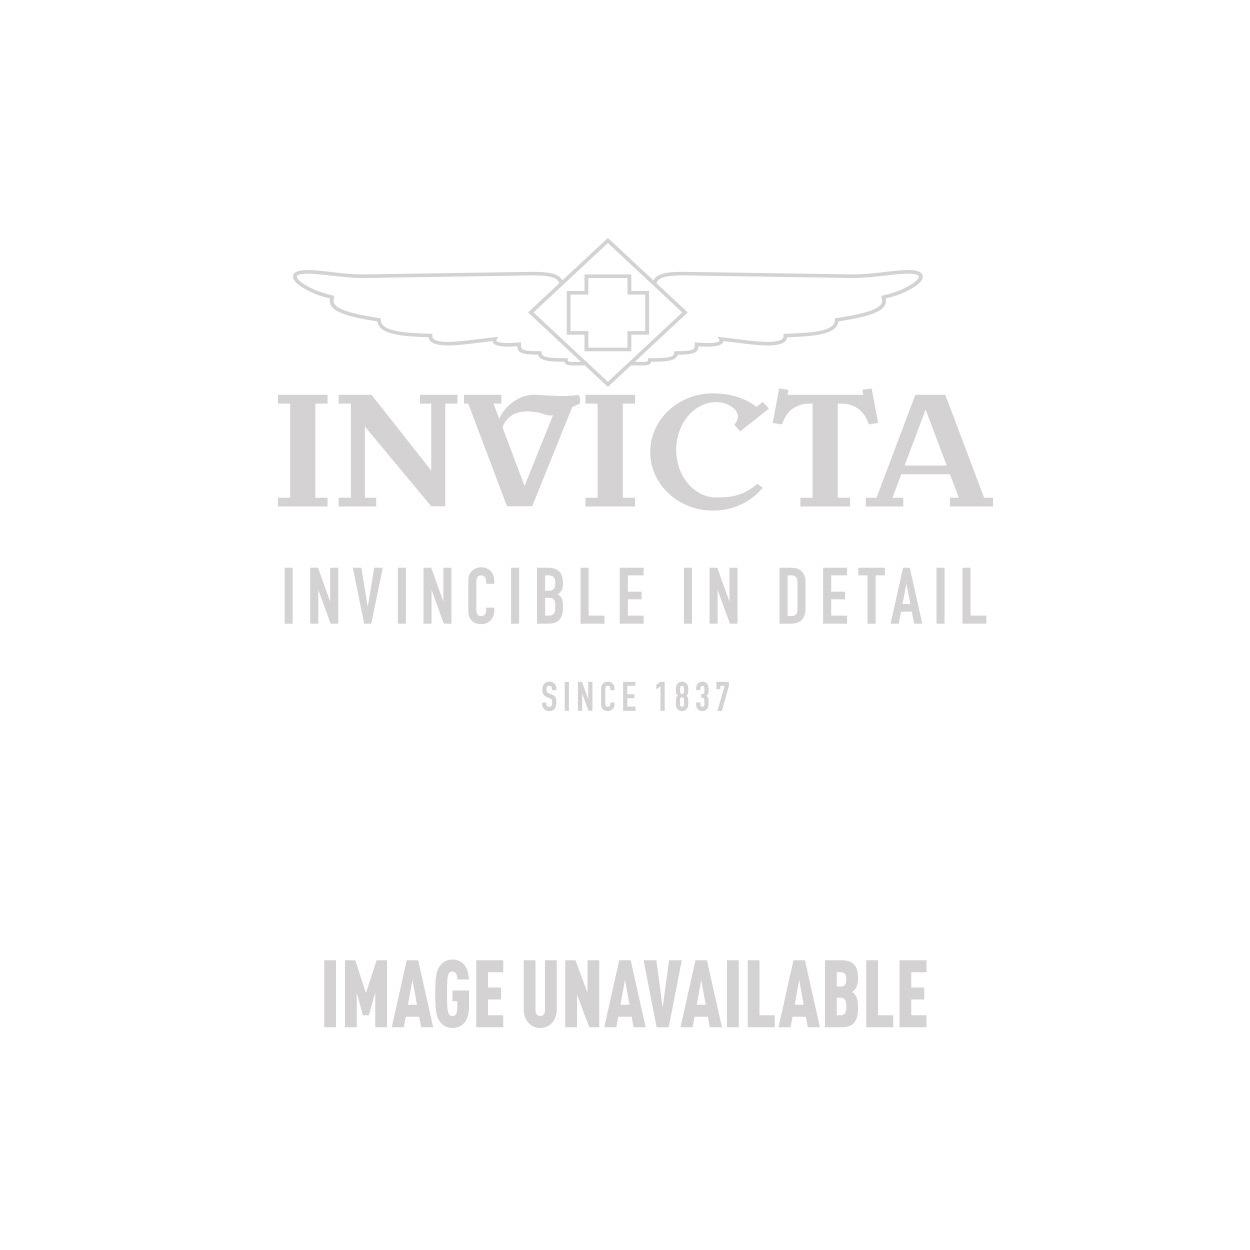 Invicta Model 25516